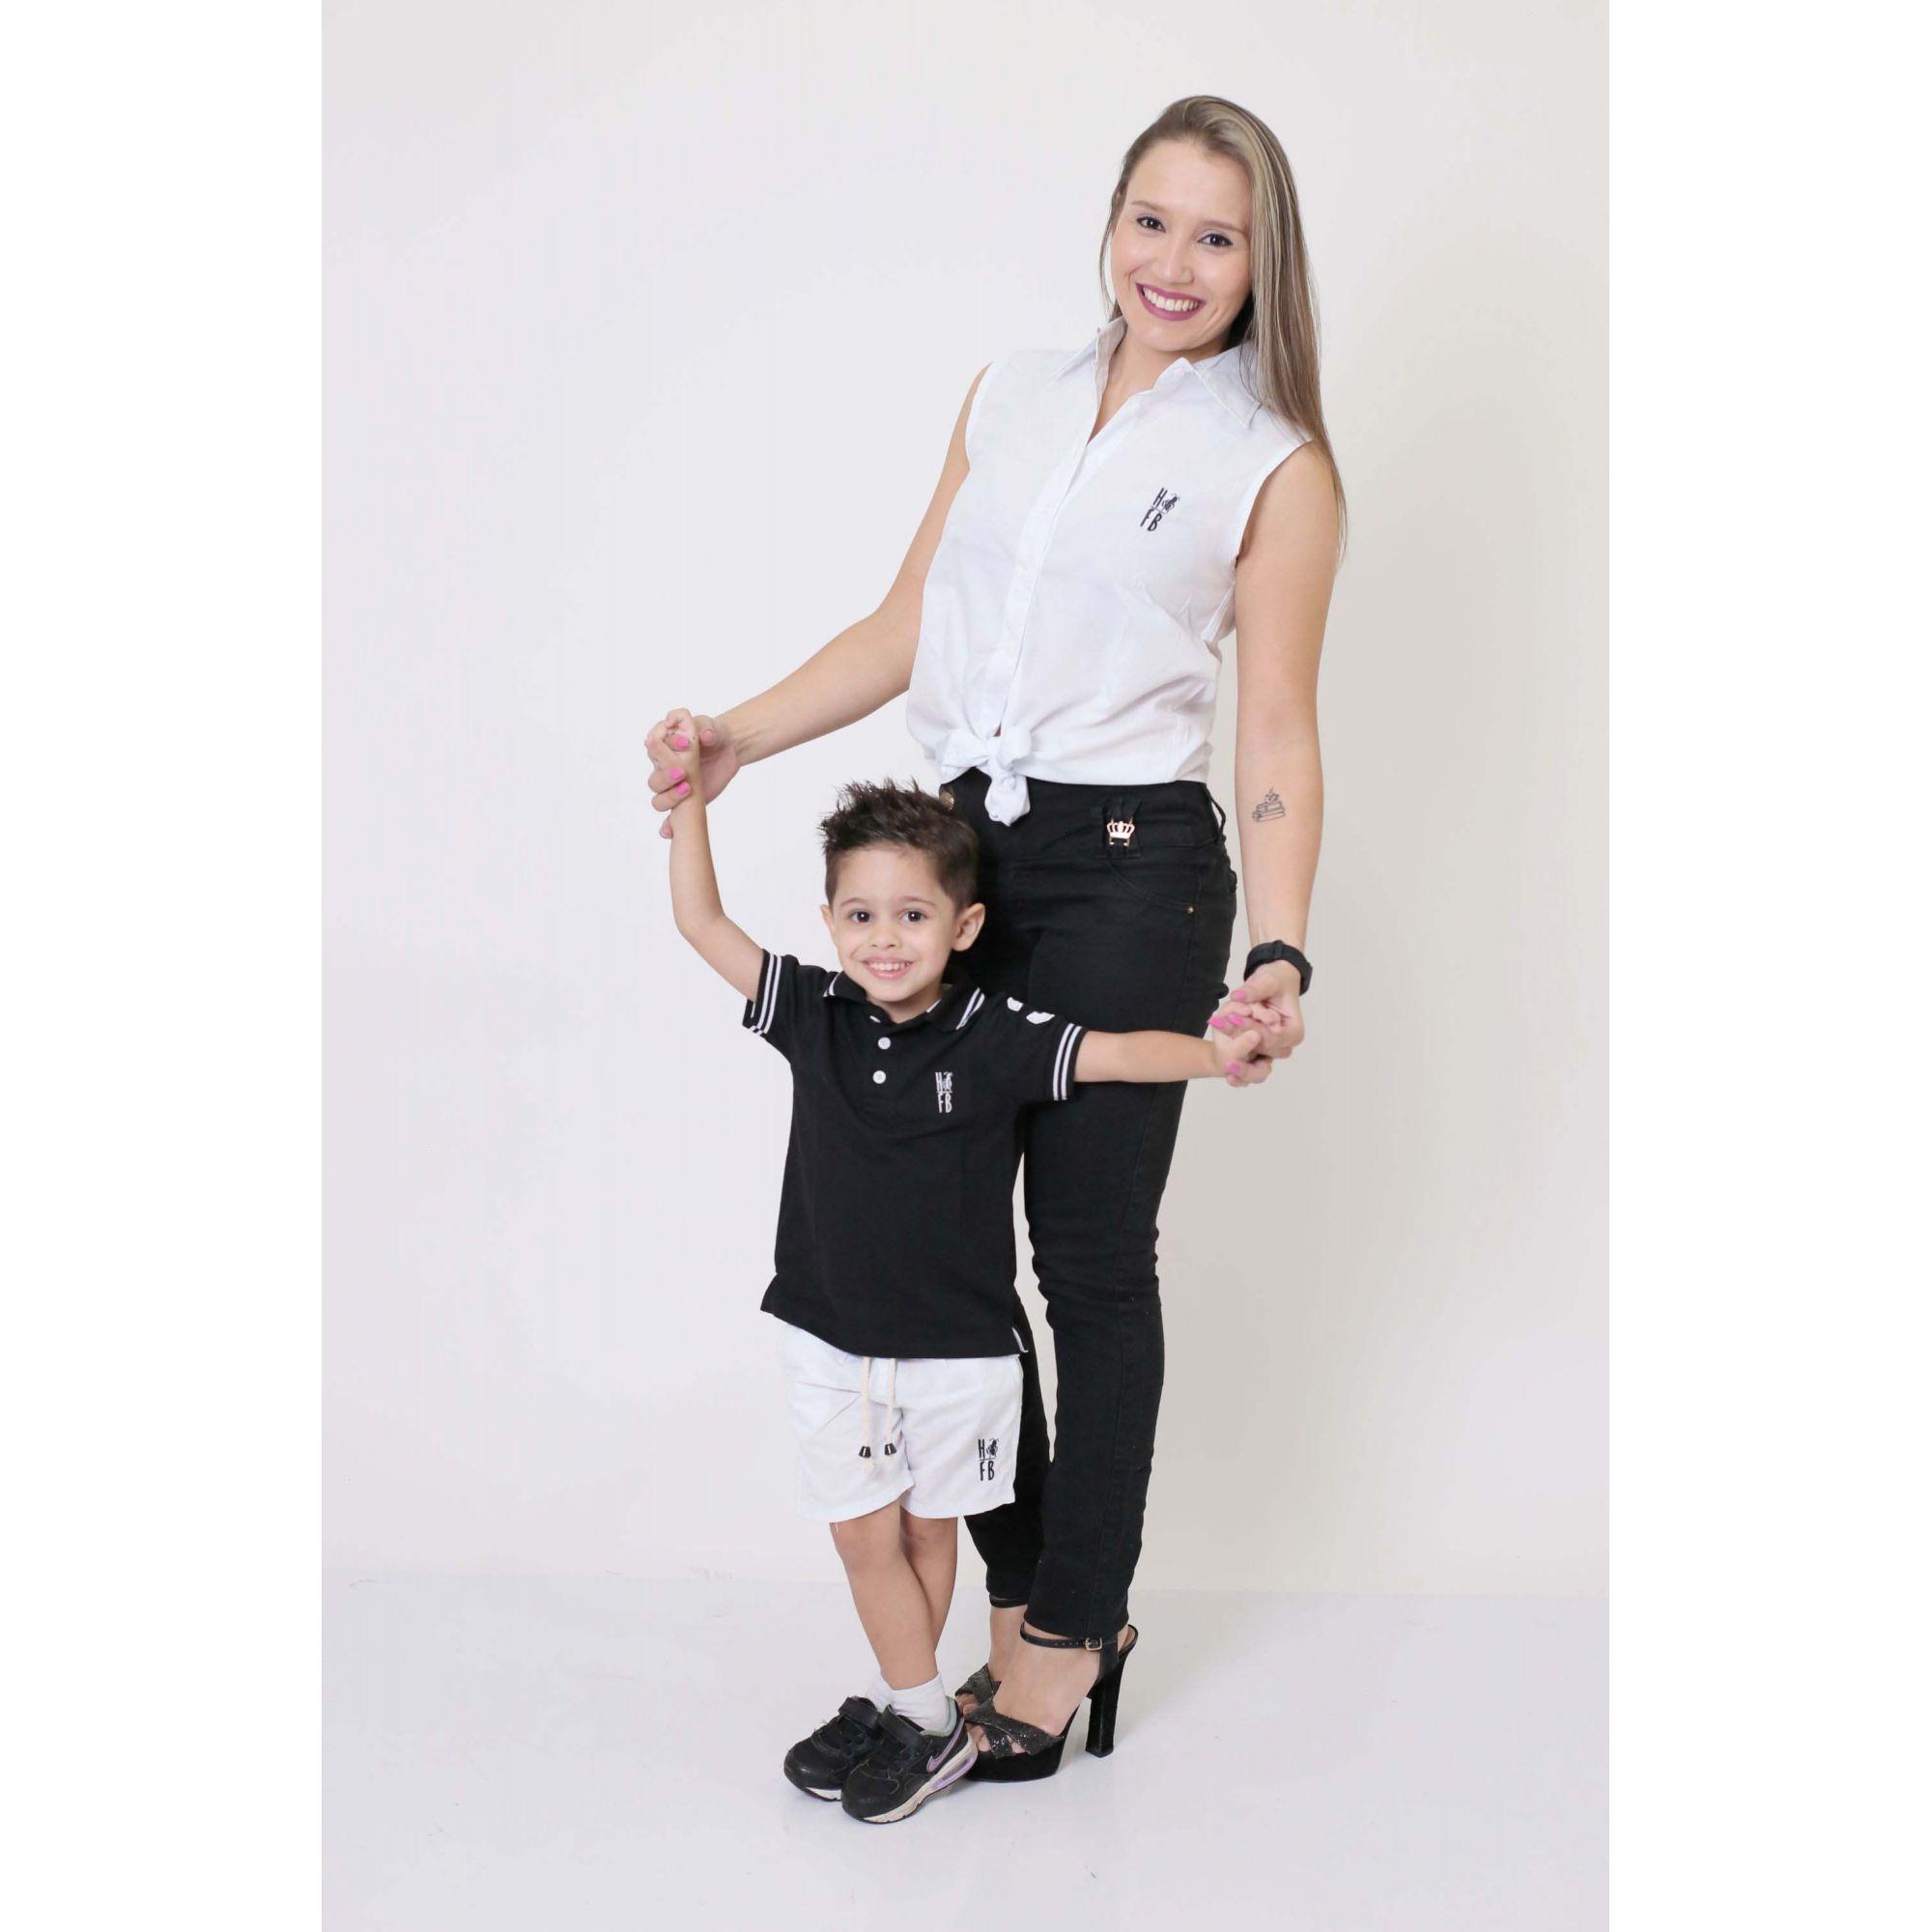 MÃE E FILHO > Camisa Feminina + Bermuda Infantil Branca [Coleção Tal Mãe Tal Filho]